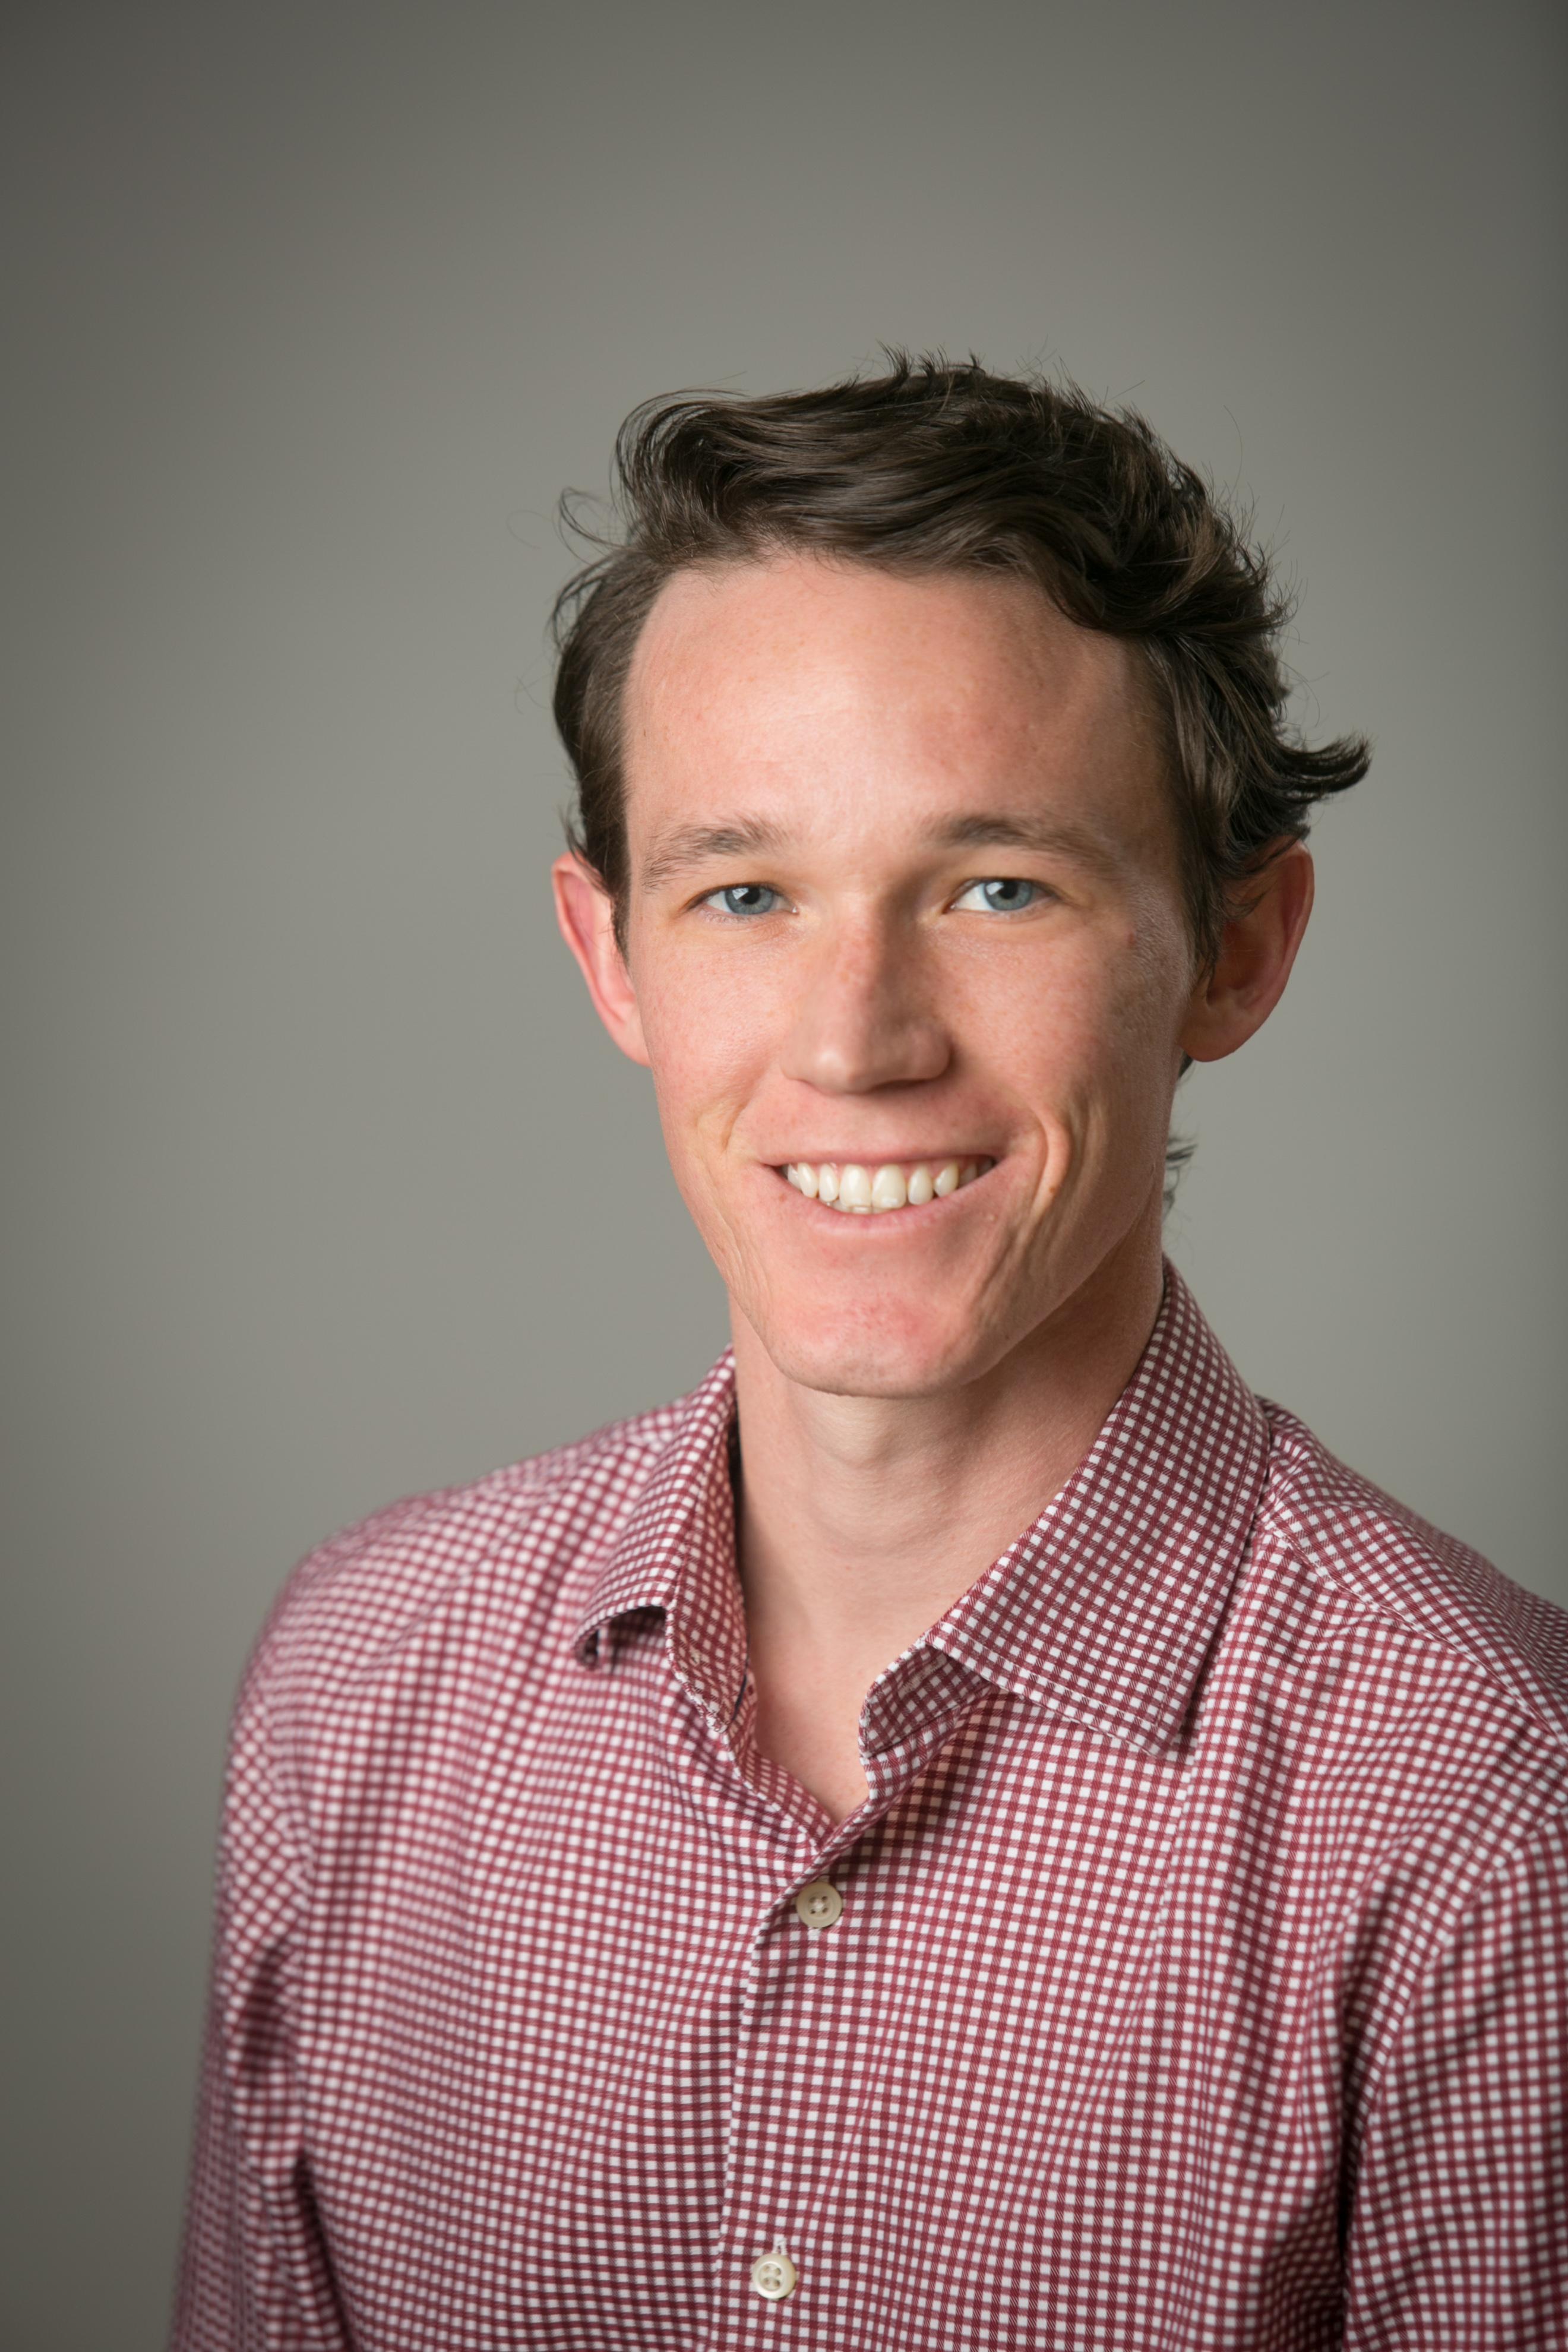 Matt Tebo: Spark Summer Learning Program Director